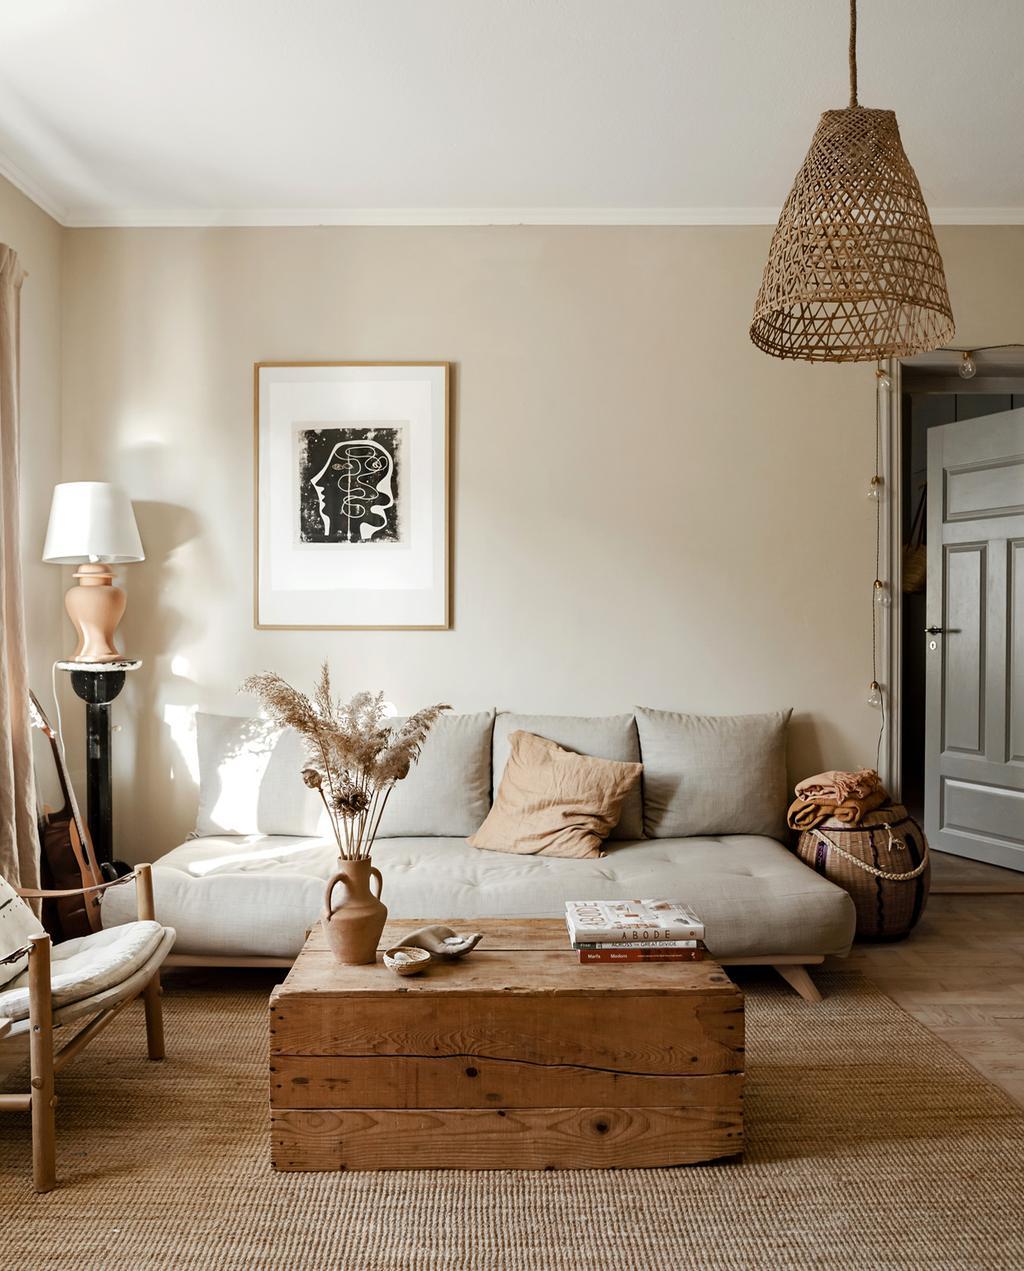 vtwonen 05-2021 | woonkamer met grijze bank en natuurlijke kleuren en droogbloemen in een vaas